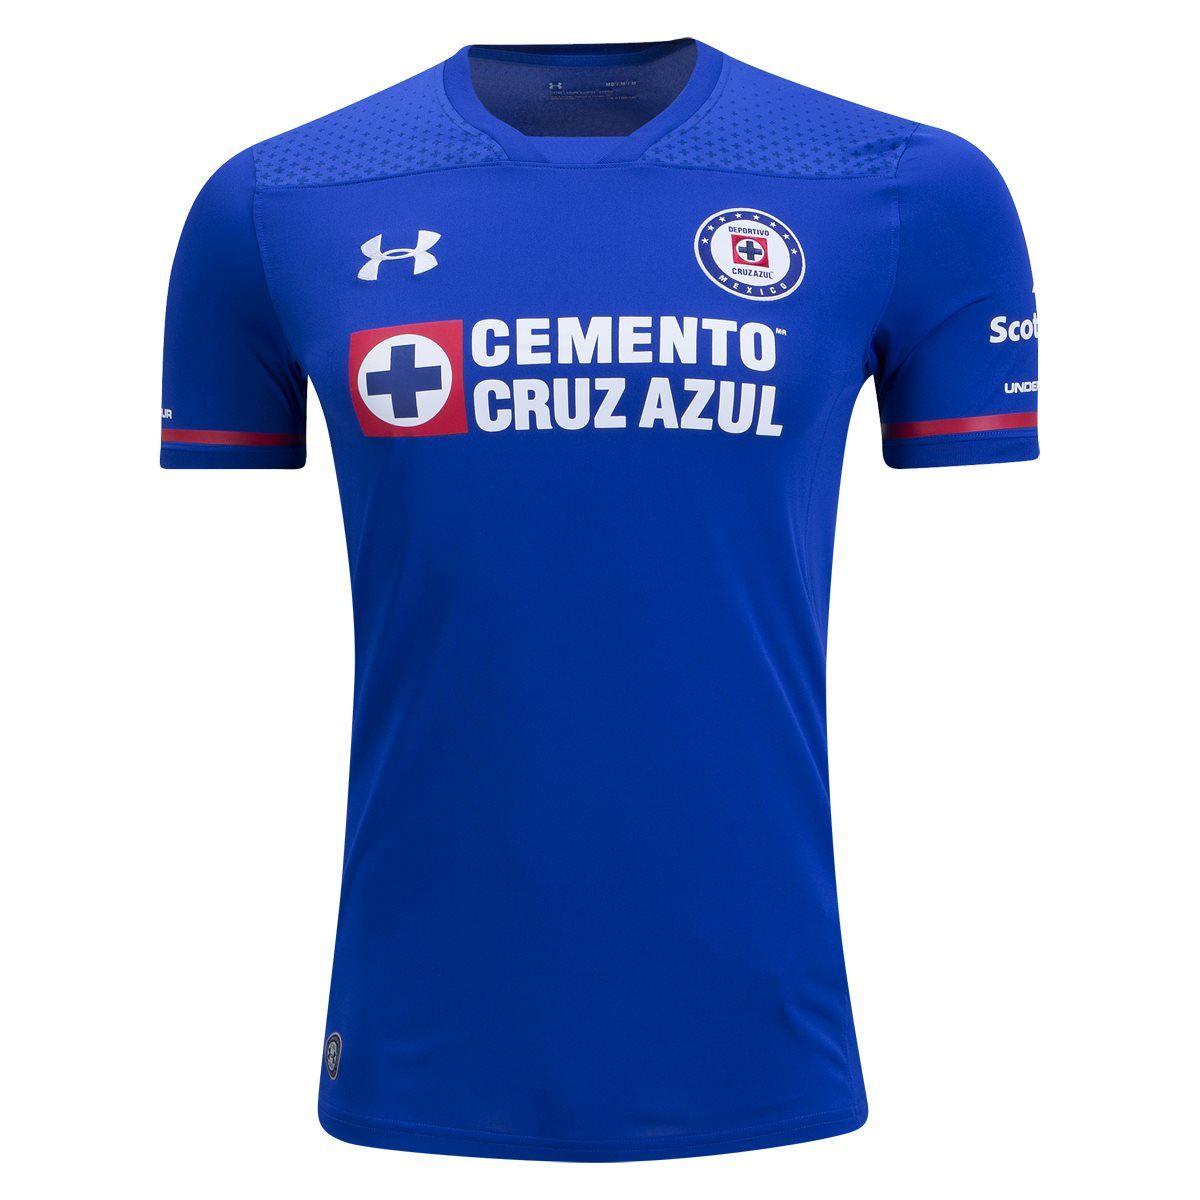 67aa64363 Under Armour Cruz Azul Home Jersey 17 18 I ve got it 😍💙